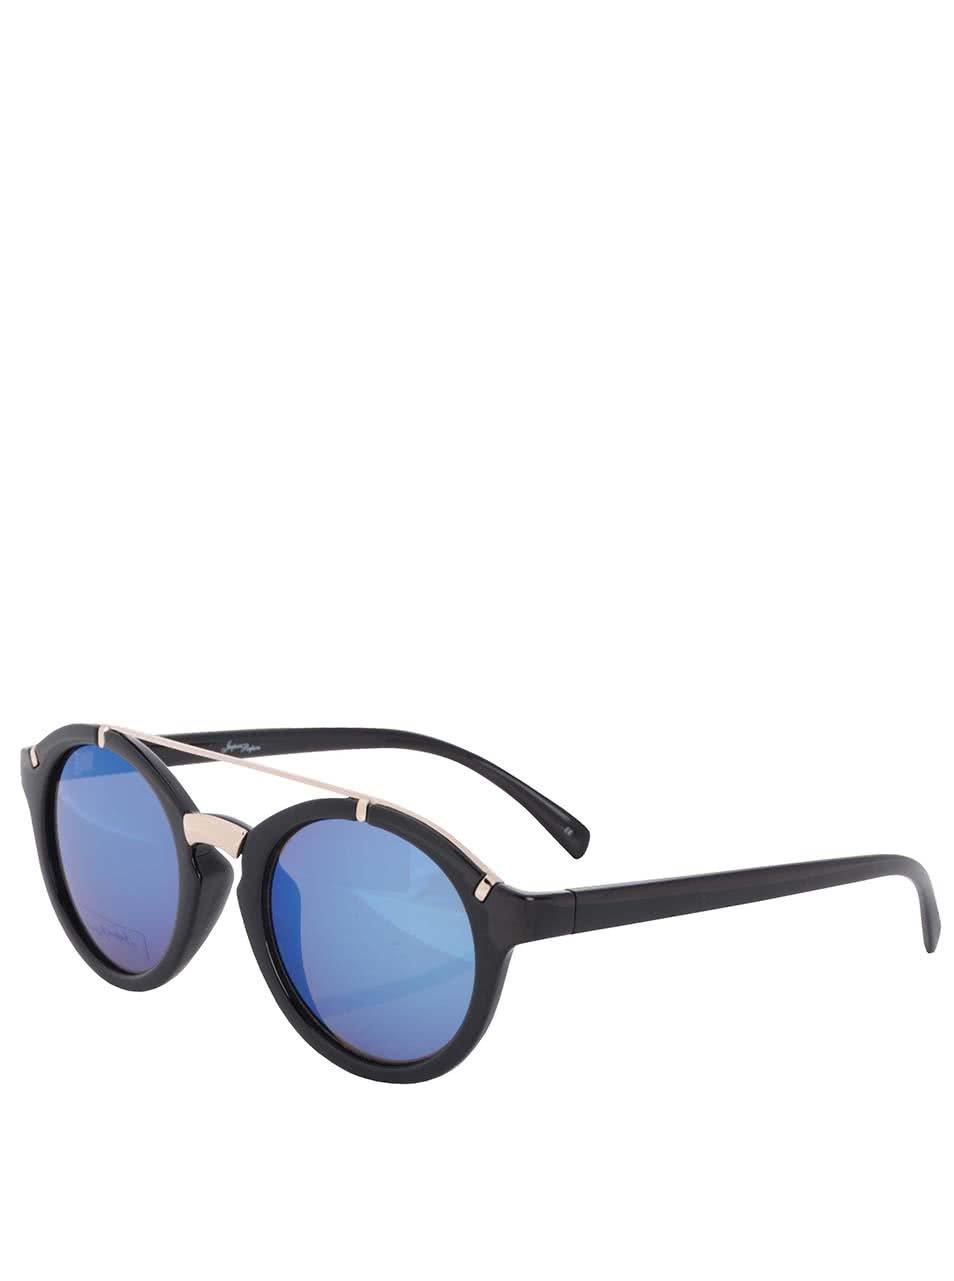 Čierne dámske slnečné okuliare s detailmi v zlatej farbe Jeepers Peepers ... 97708c4b739